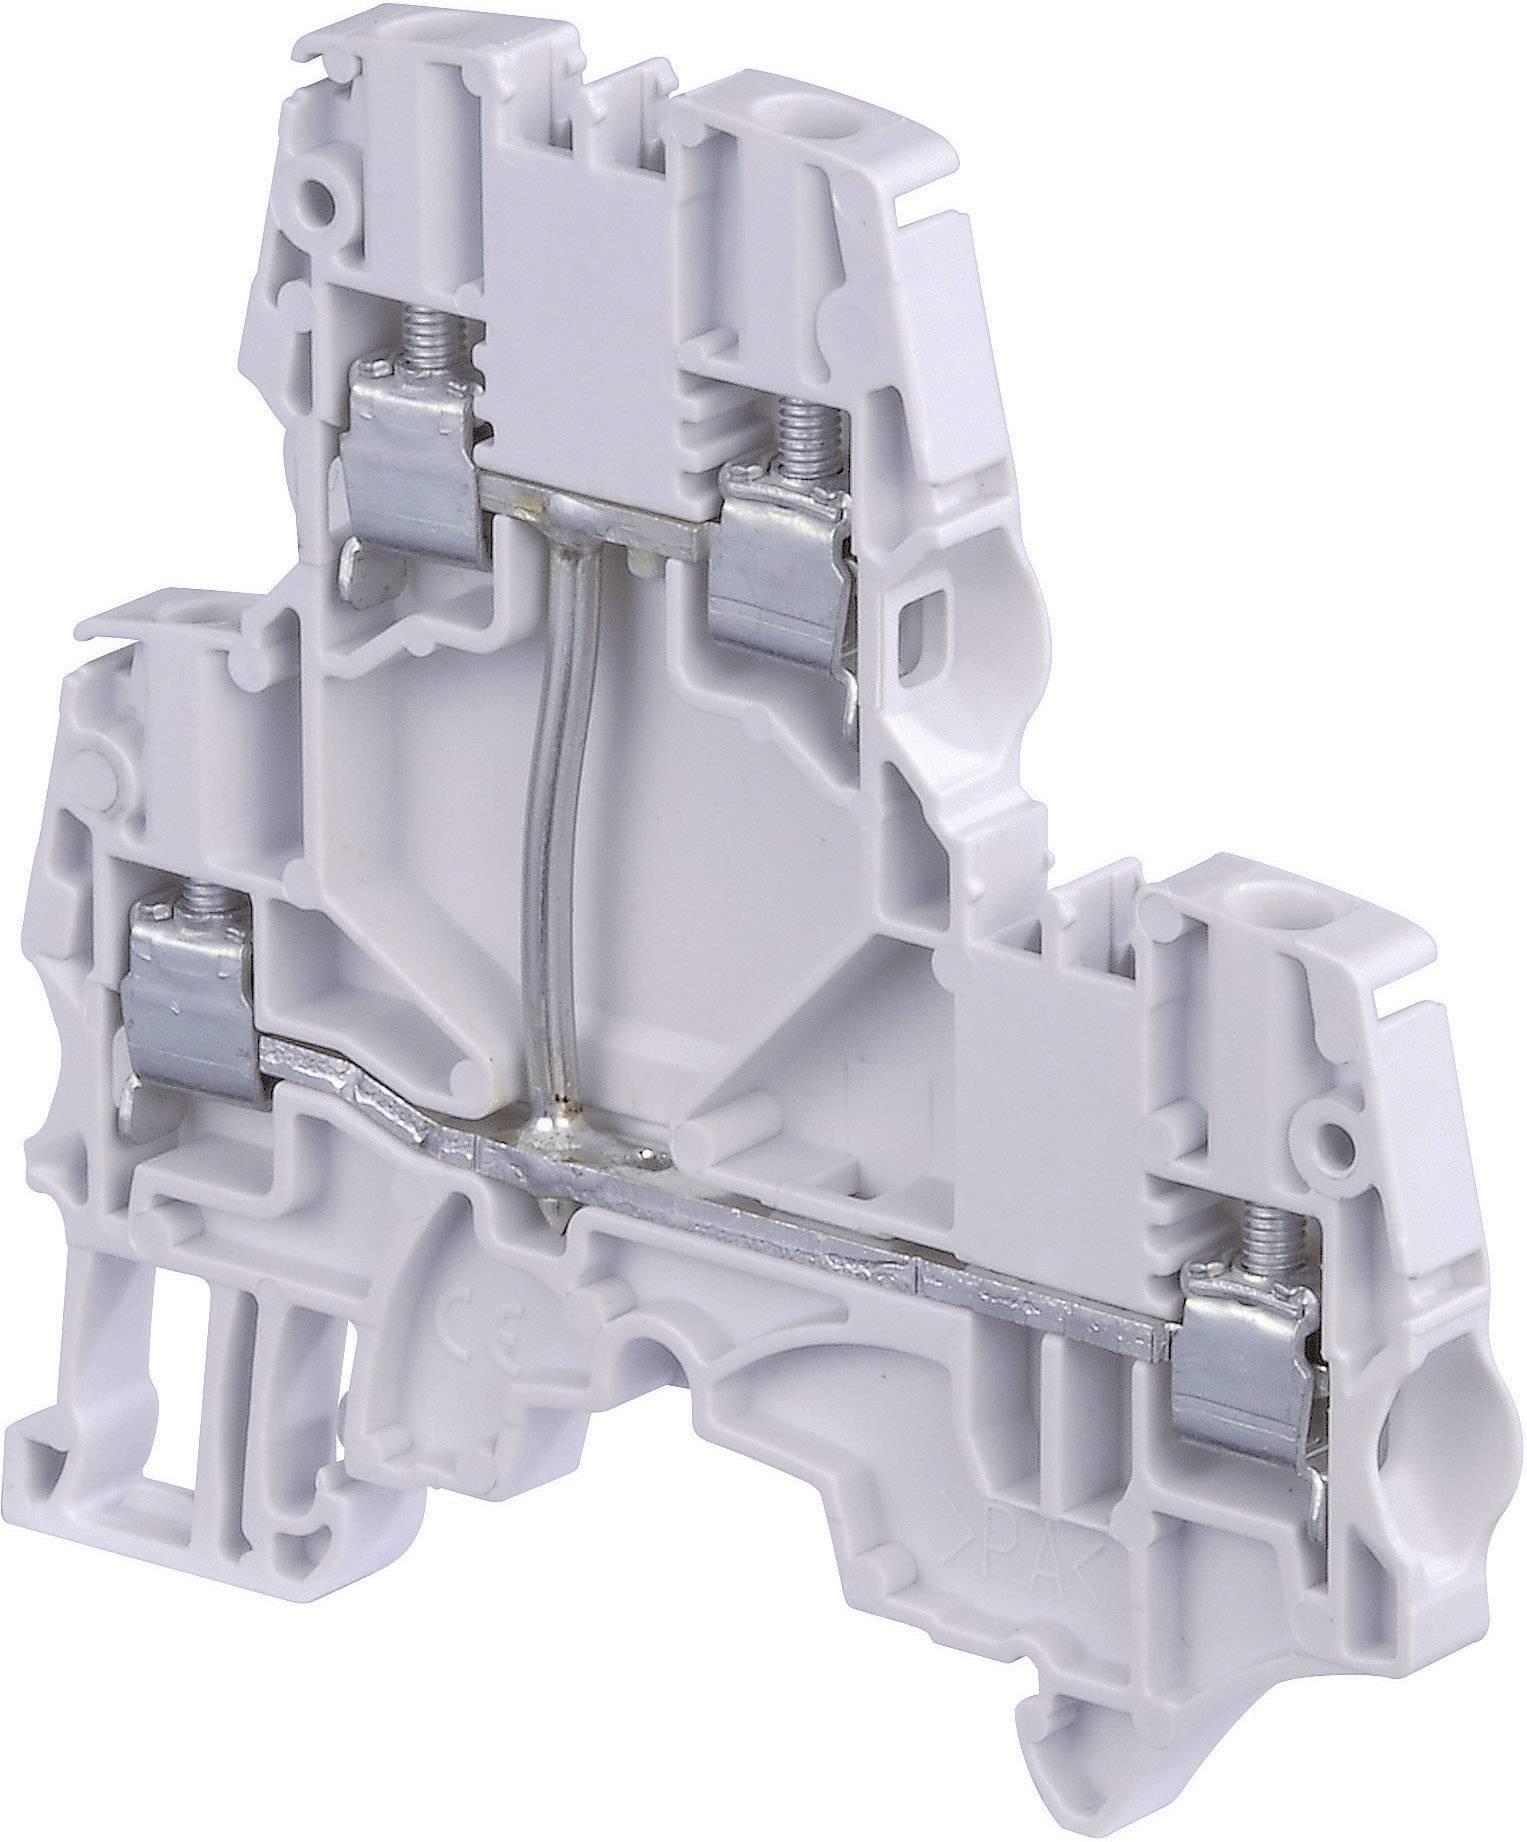 Dvojitá průchodková svorka ABB 1SNK 506 211 R0000, 6 mm, šroubovací, osazení L, šedá, 1 ks